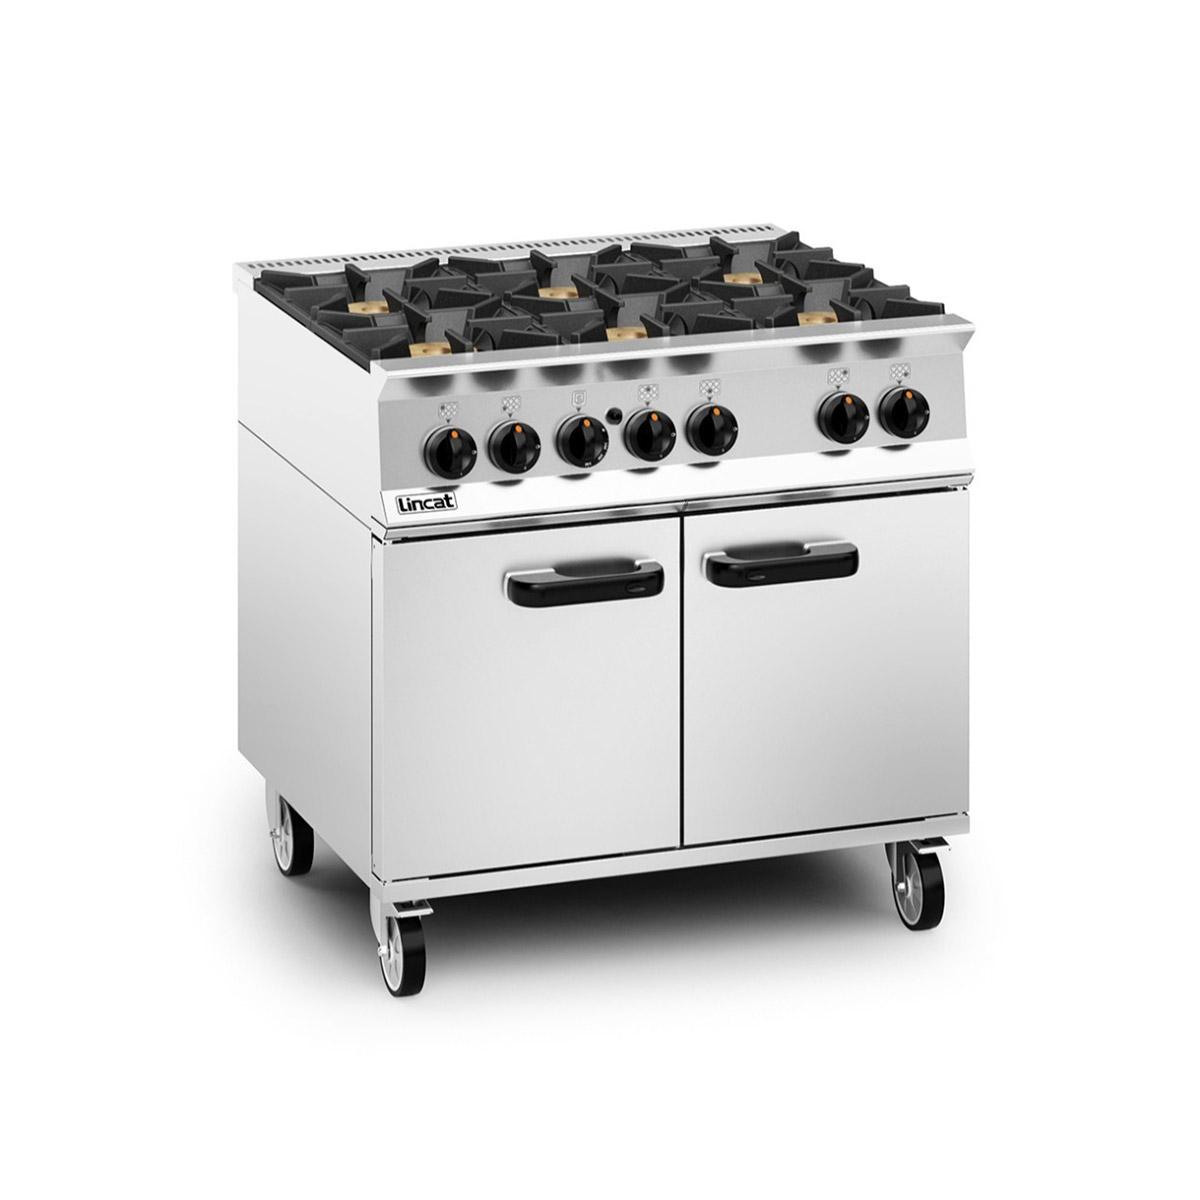 Lincat Opus 800 – 6 Burner Gas Oven Range Model: OG8002/N (Natural Gas)